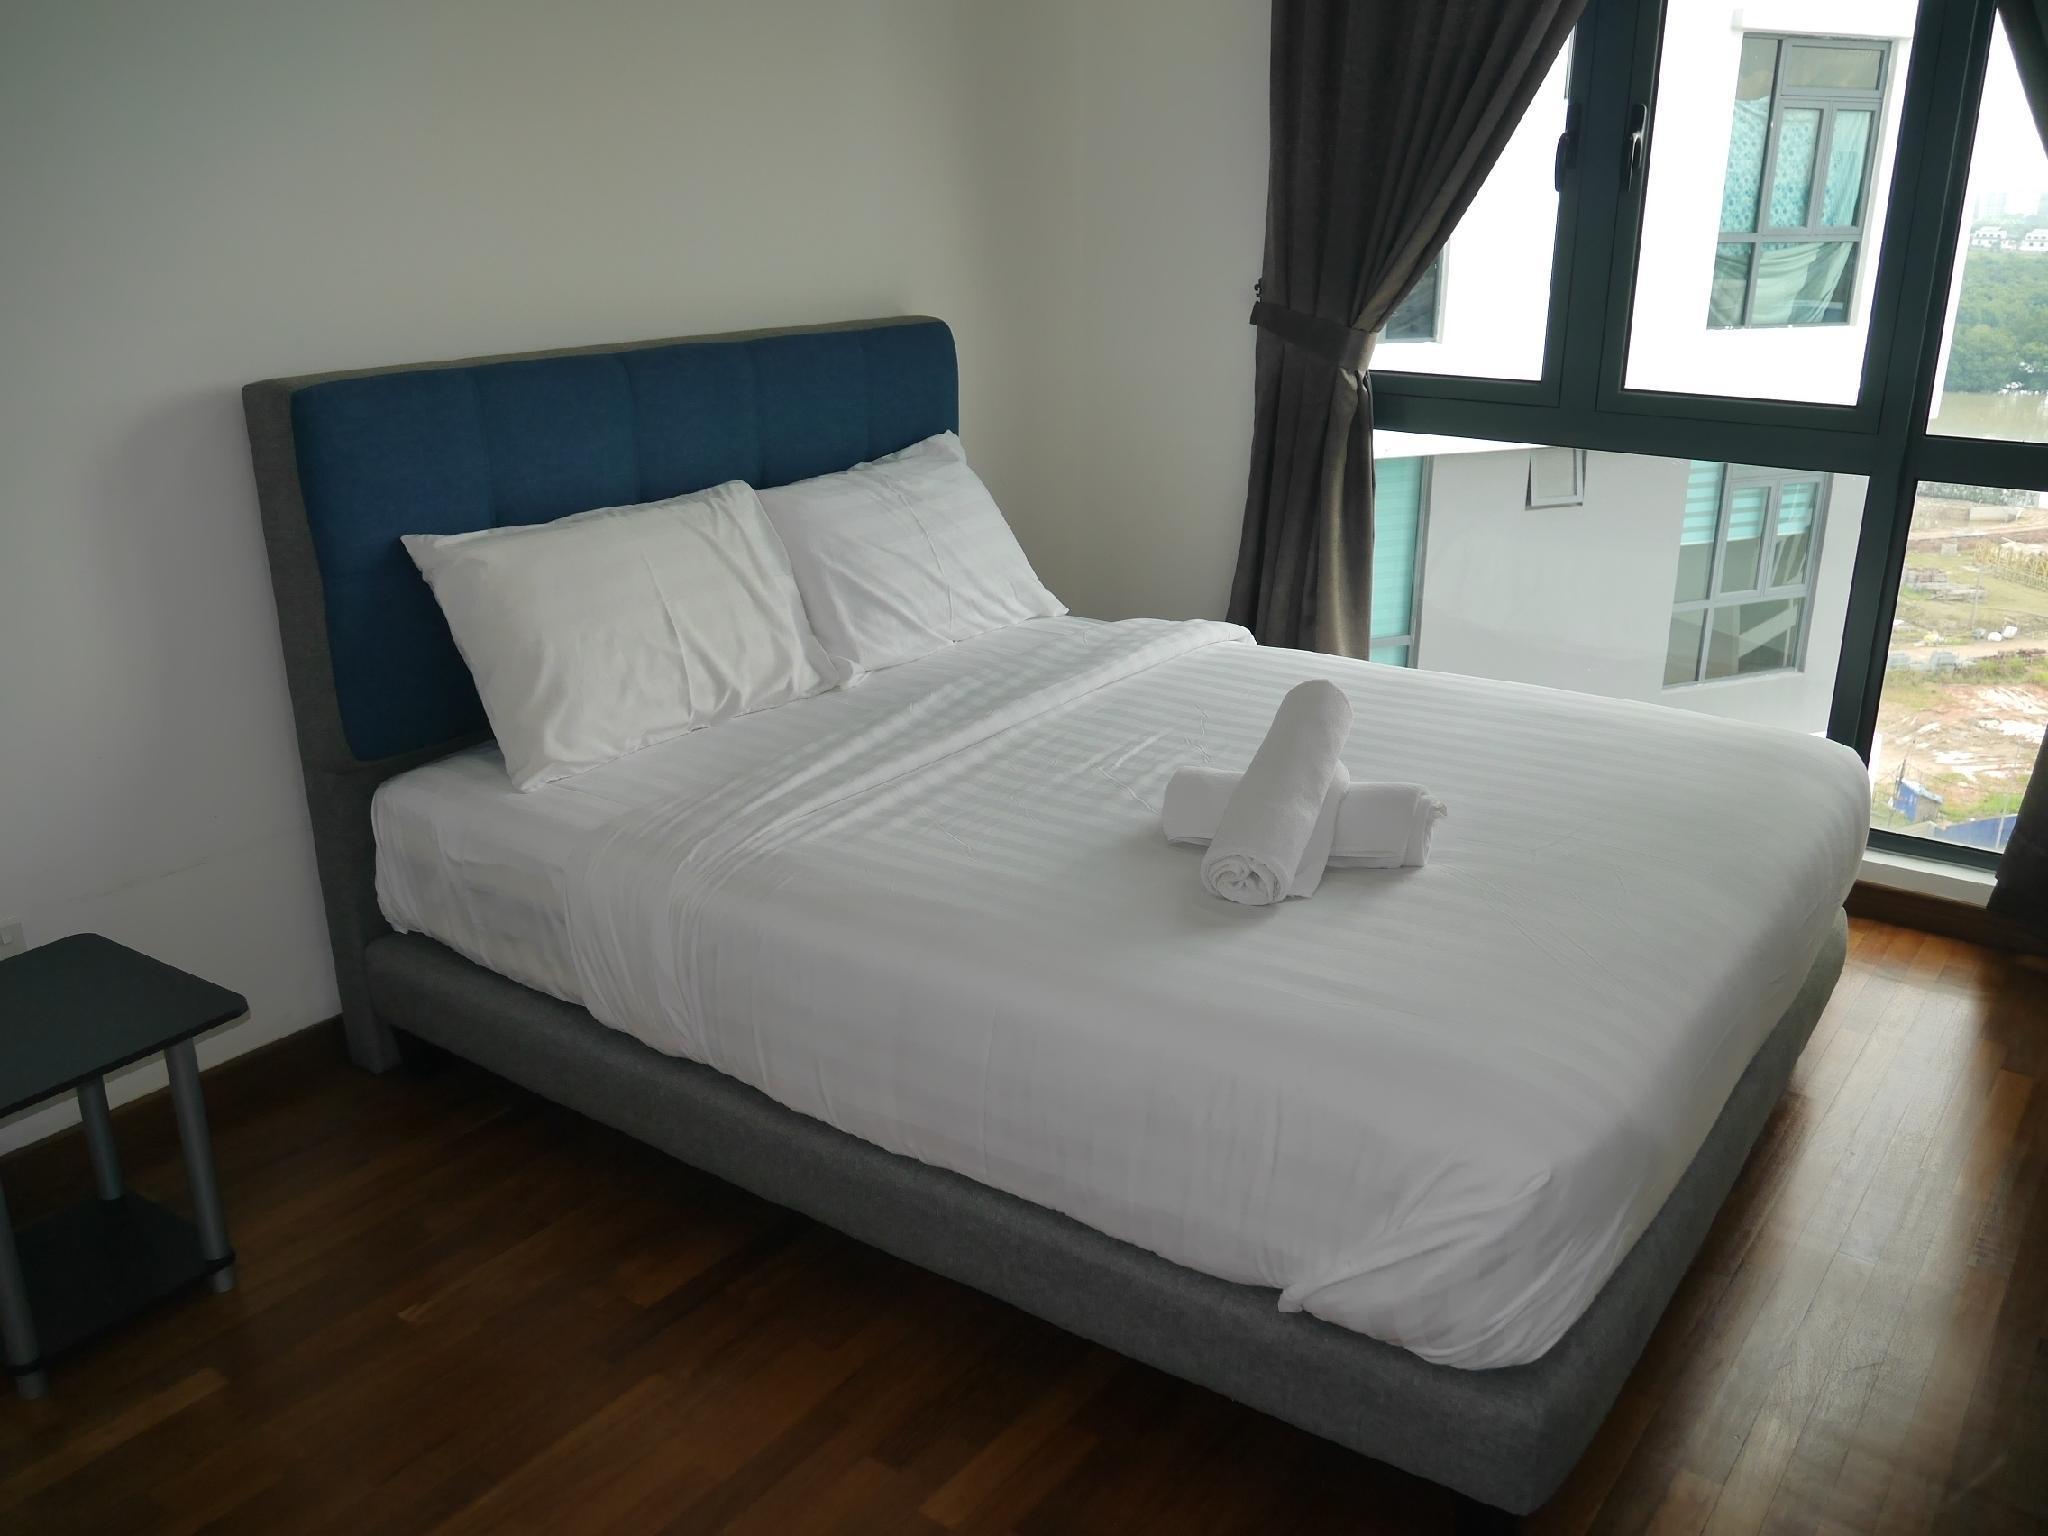 FlexiAsia Bayu Puteri 2 bedrooms Apartment, Johor Bahru